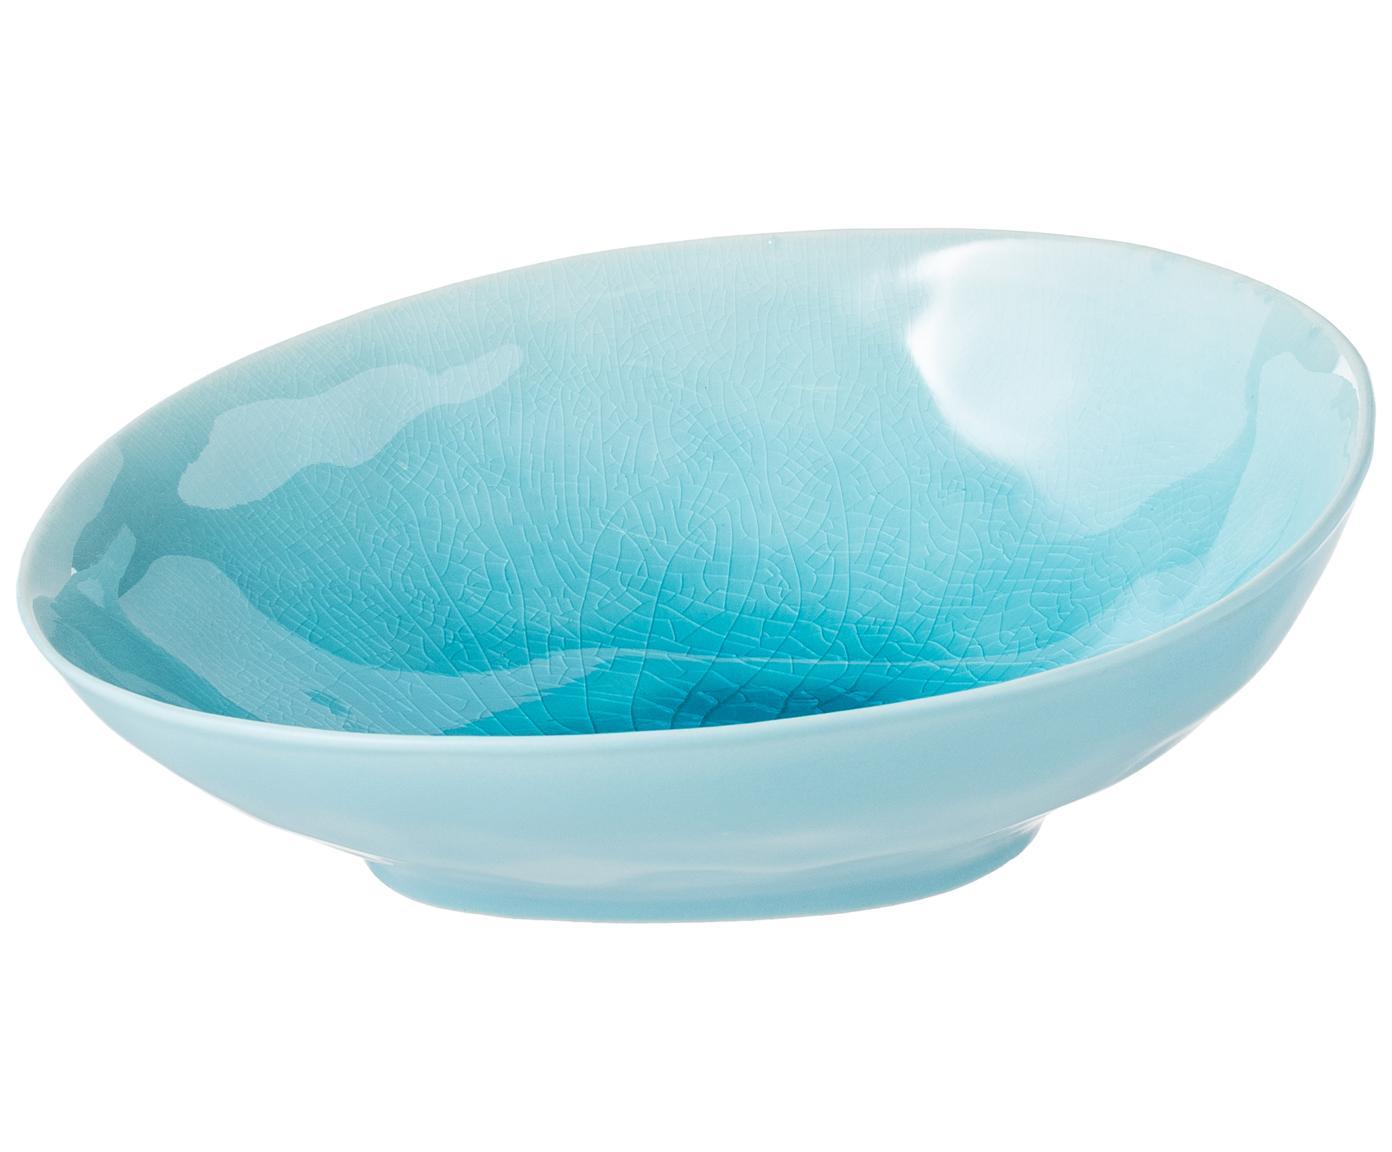 Kom à la Plage, Steengoed, craquele-glazuur, Turquoise, 18 x 20 cm